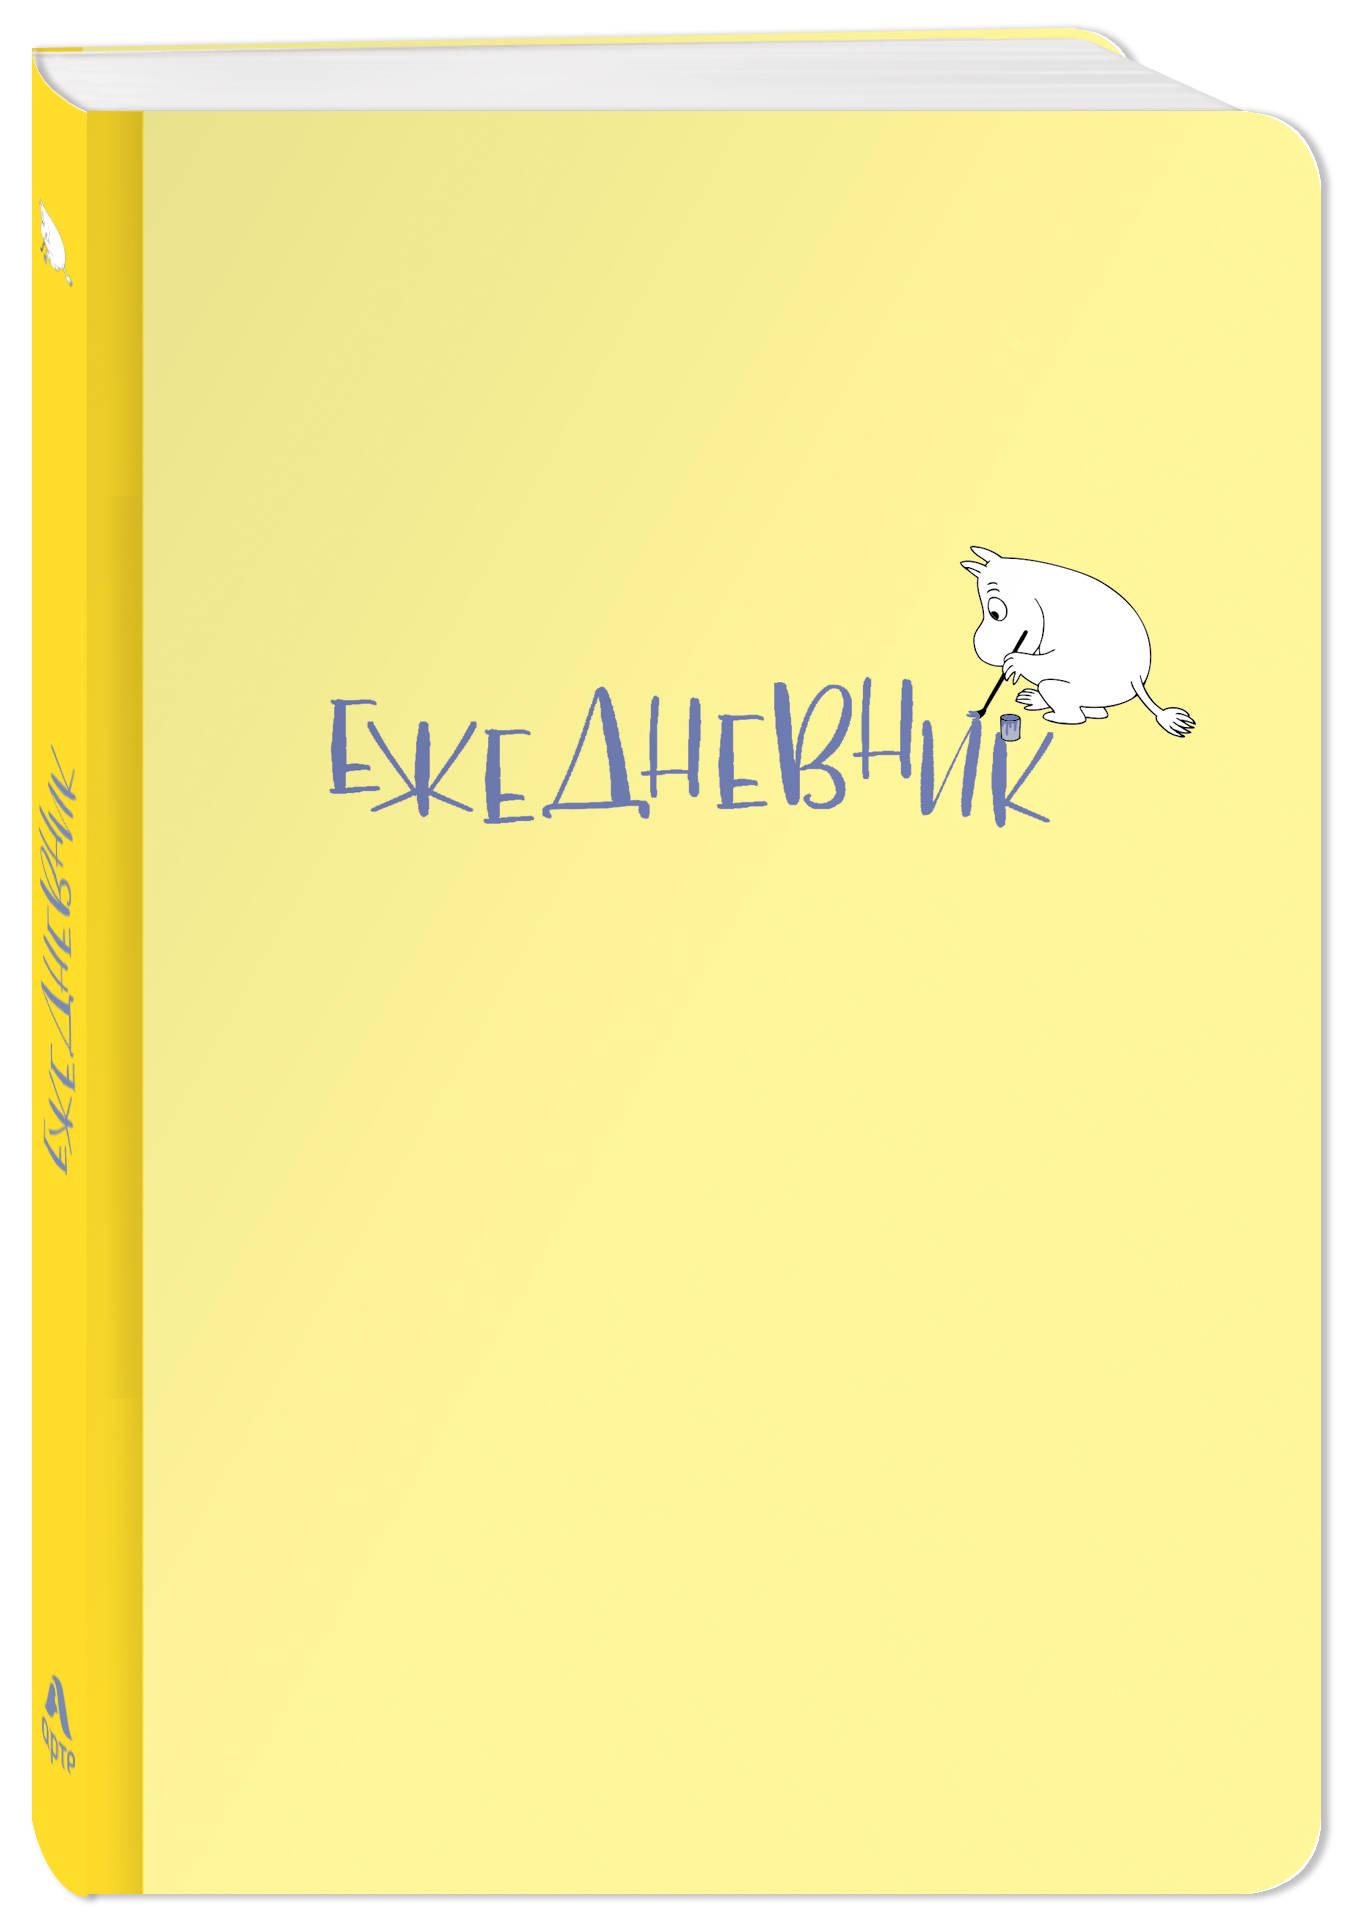 Ежедневник Муми-тролль (недатированный, жёлтая обложка) (Арте) желай делай ежедневник